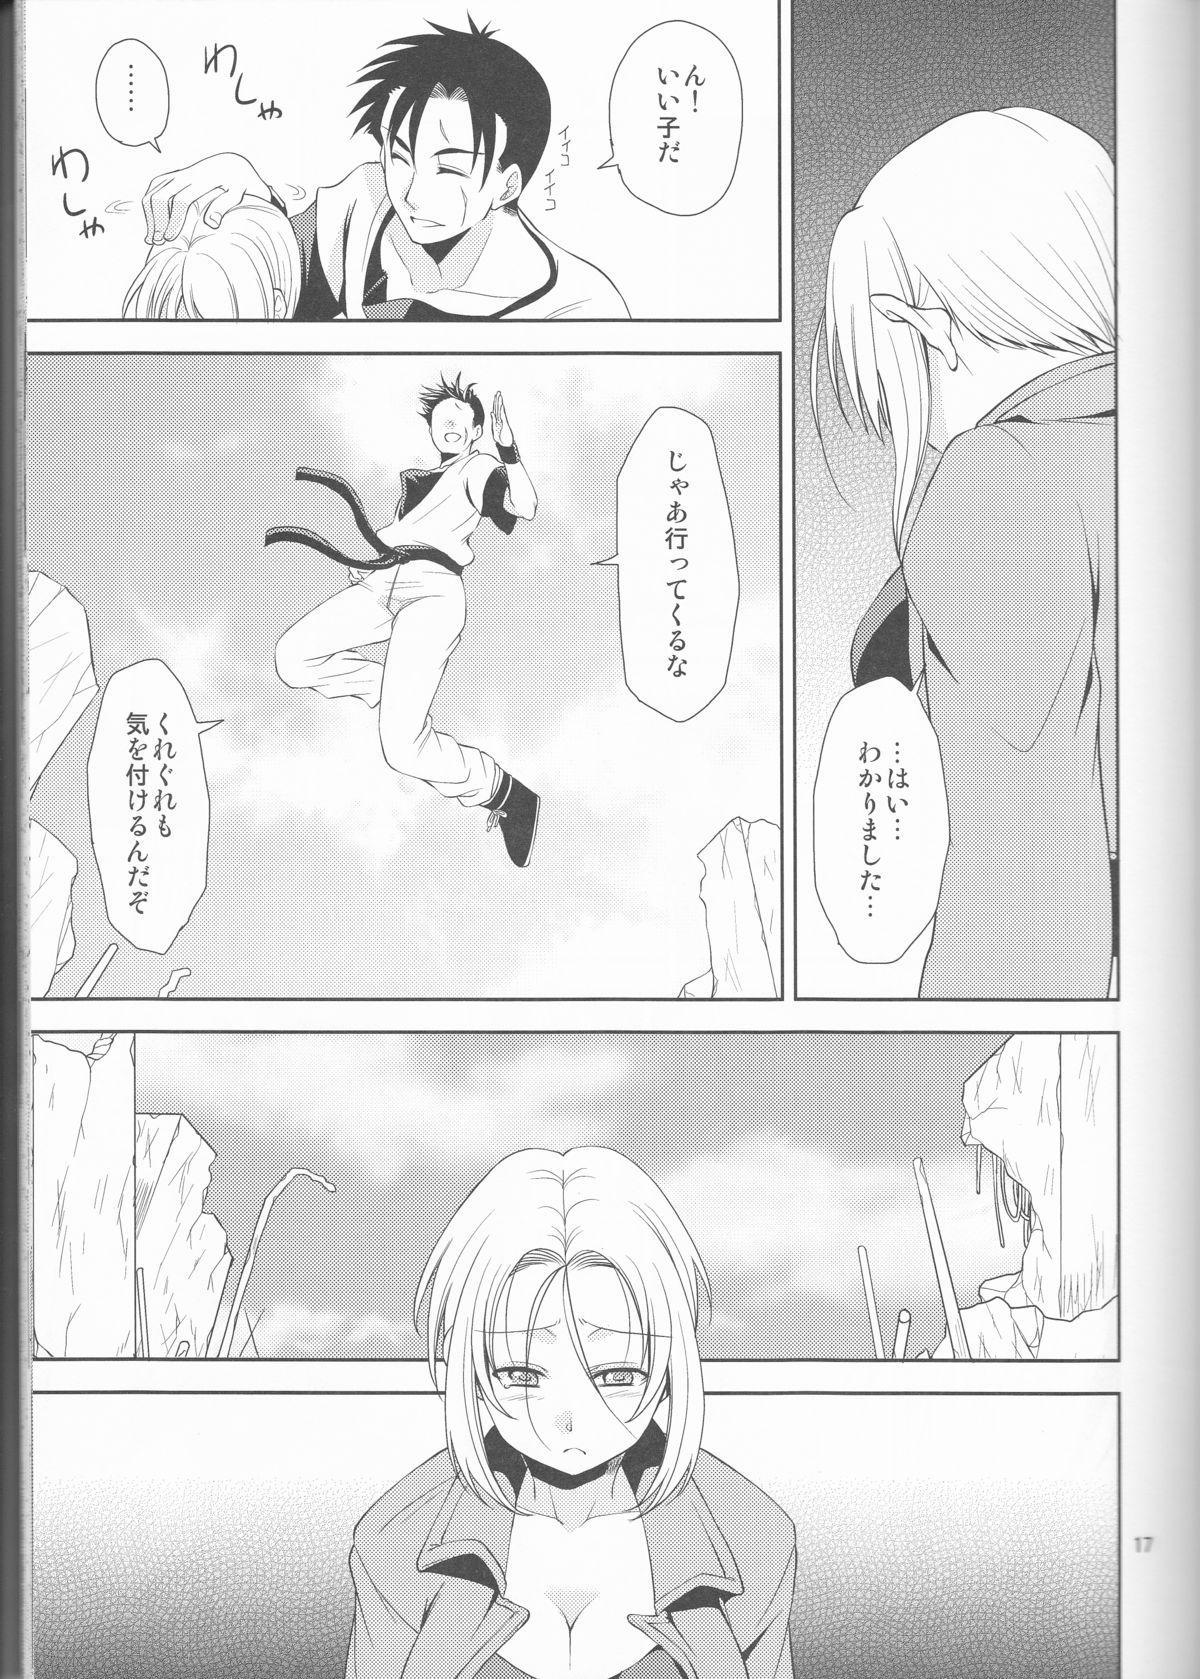 Soshite Boku wa Sono Suisen ni Miirareta. 16